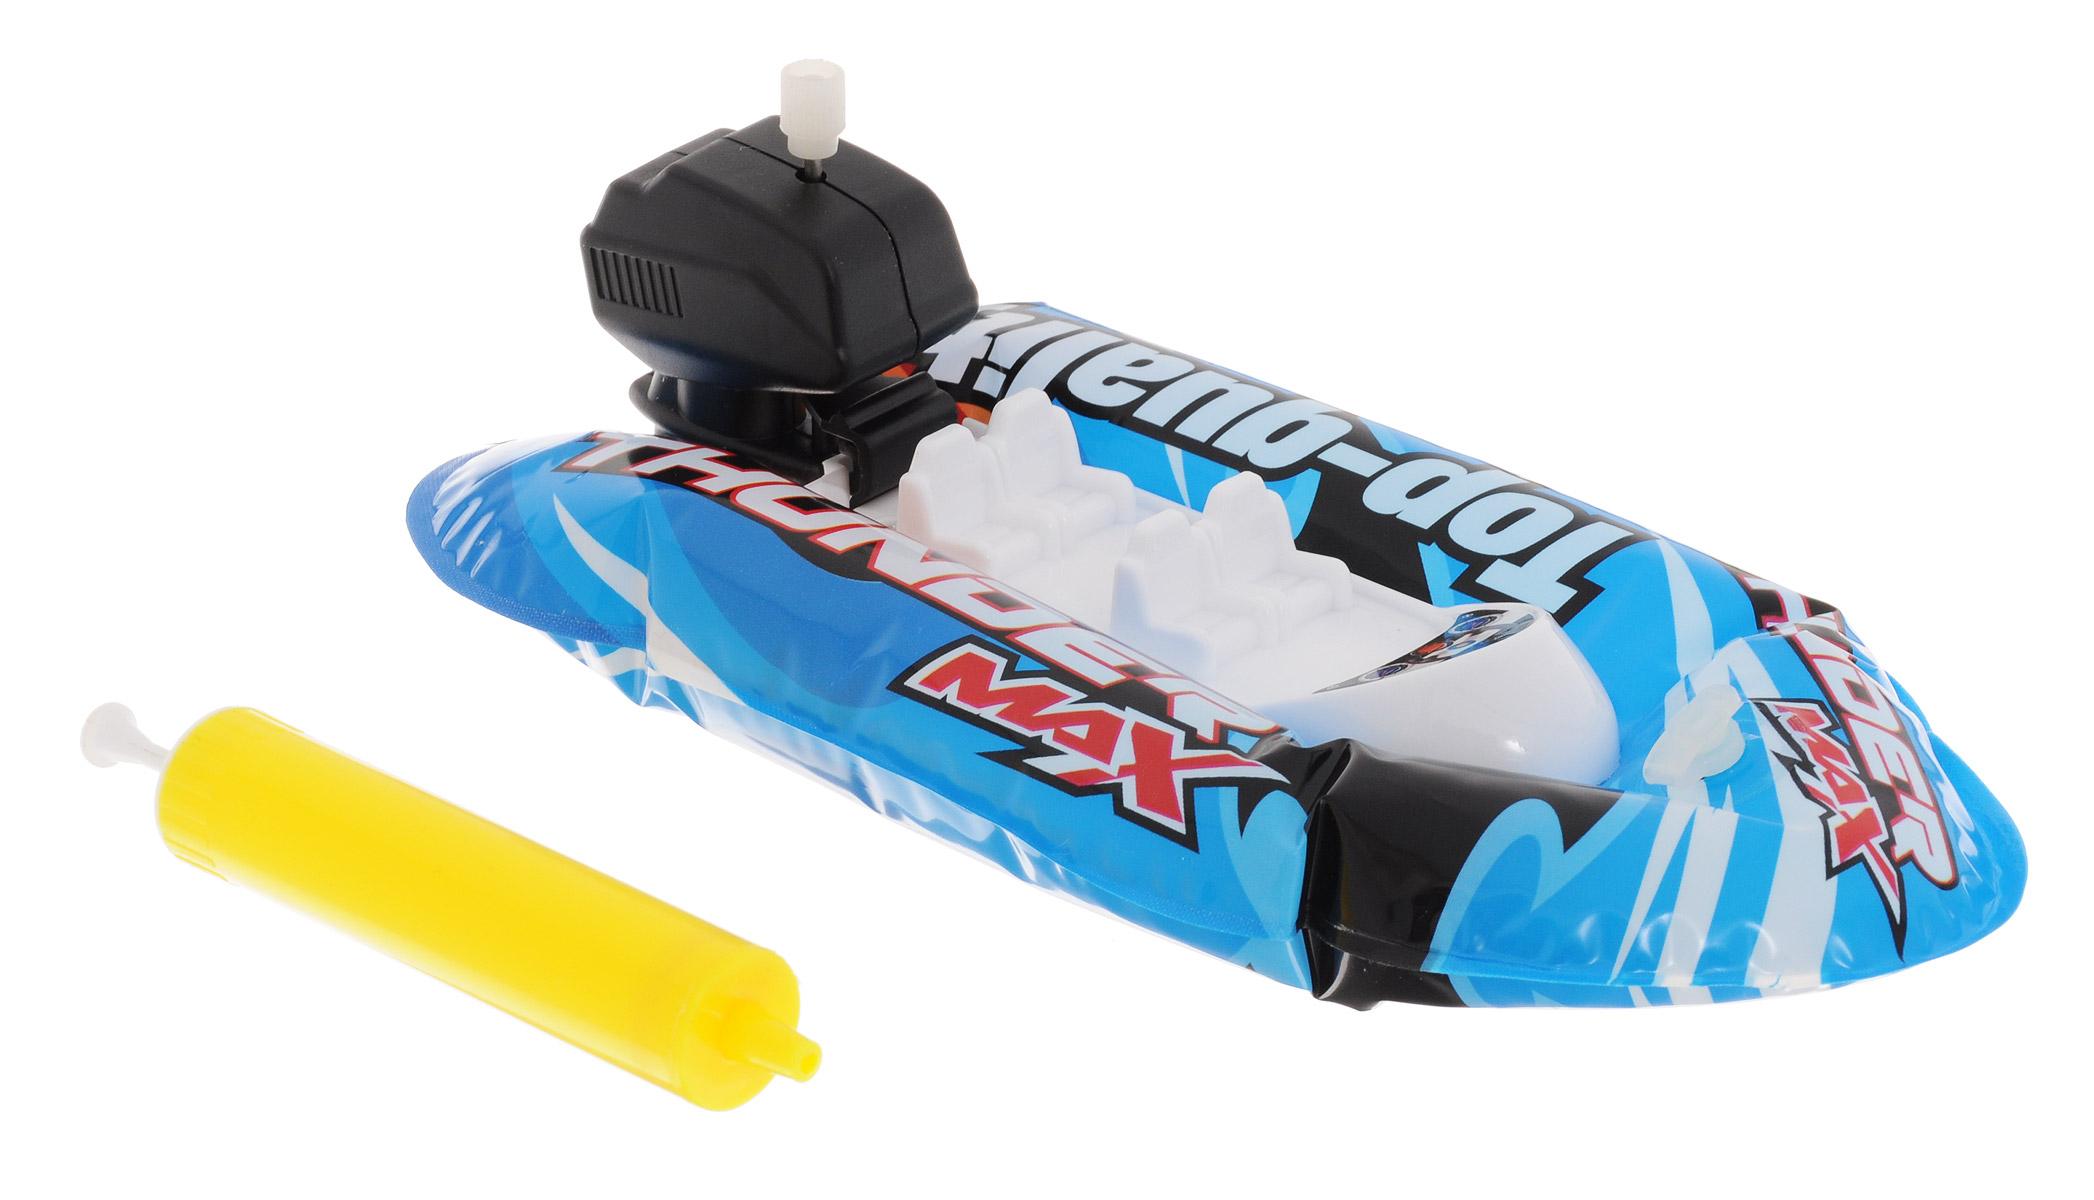 Pilotage Надувная лодка Fun Boat c насосом цвет синийRC18325Надувная лодка Pilotage Fun Boat с подвесным мотором, предназначена для запуска в ванной, бассейне или небольшом водоеме. Корпус лодки выполнен из приятного на ощупь, прочного материала ПВХ и накачивается воздухом с помощью входящего в комплект насоса - все, как в реальной жизни. После надувания корпуса достаточно завести навесной мотор, и лодка поплывет. Эта надувная лодочка скрасит ваше времяпрепровождение в жаркий день у воды, а если рядом имеется ручеек, вы сможете устроить азартные гонки!